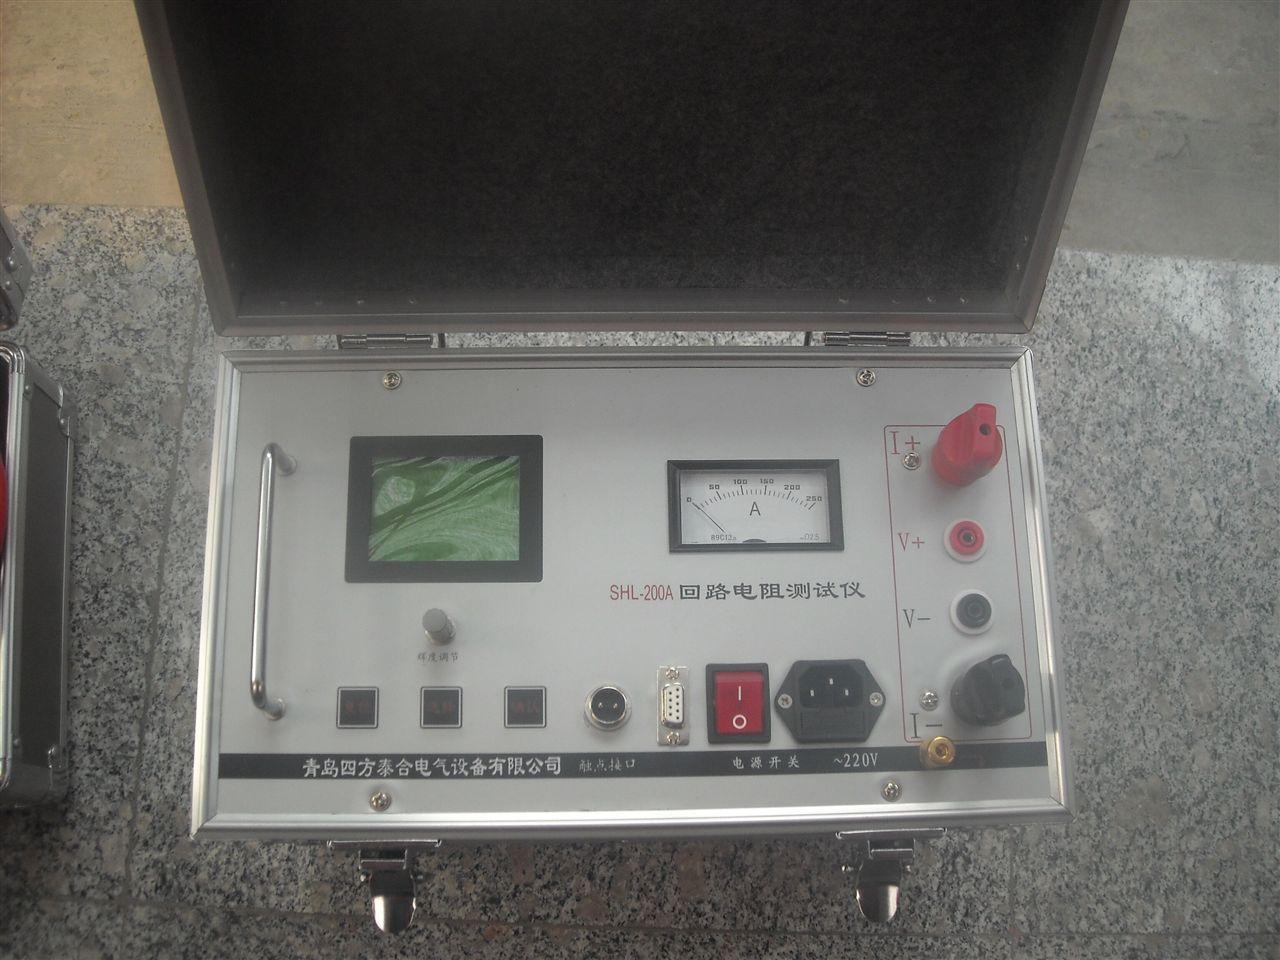 摘要:回路电阻测试仪按交接和预防性试验规程要求,对各种开关设备导电回路电阻的测量,其测试电流不得小于100A/200A,对此我公司按新规程的要求研制出新一代智能化回路电阻系列产品,广泛应用于测试高低压开关的主接触电阻及高低压电缆线路的直流电阻值。